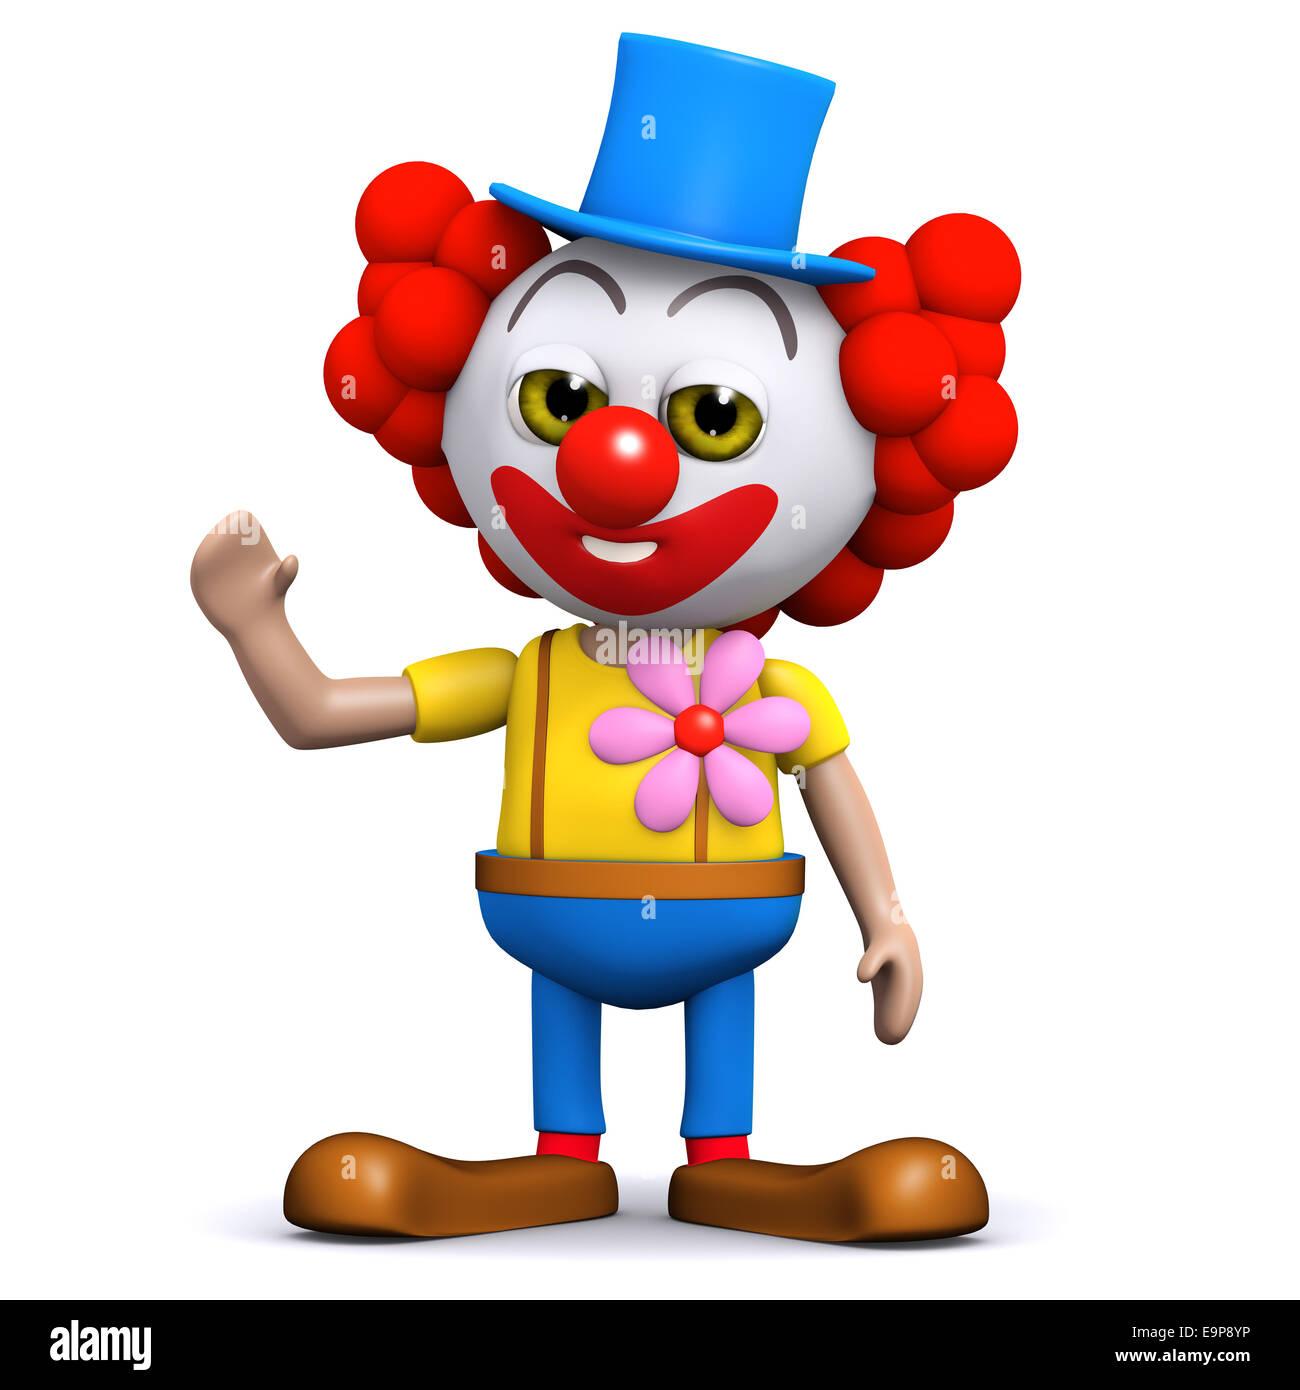 Drole De Personnage 3d Clown Vagues Un Heureux Bonjour Photo Stock Alamy